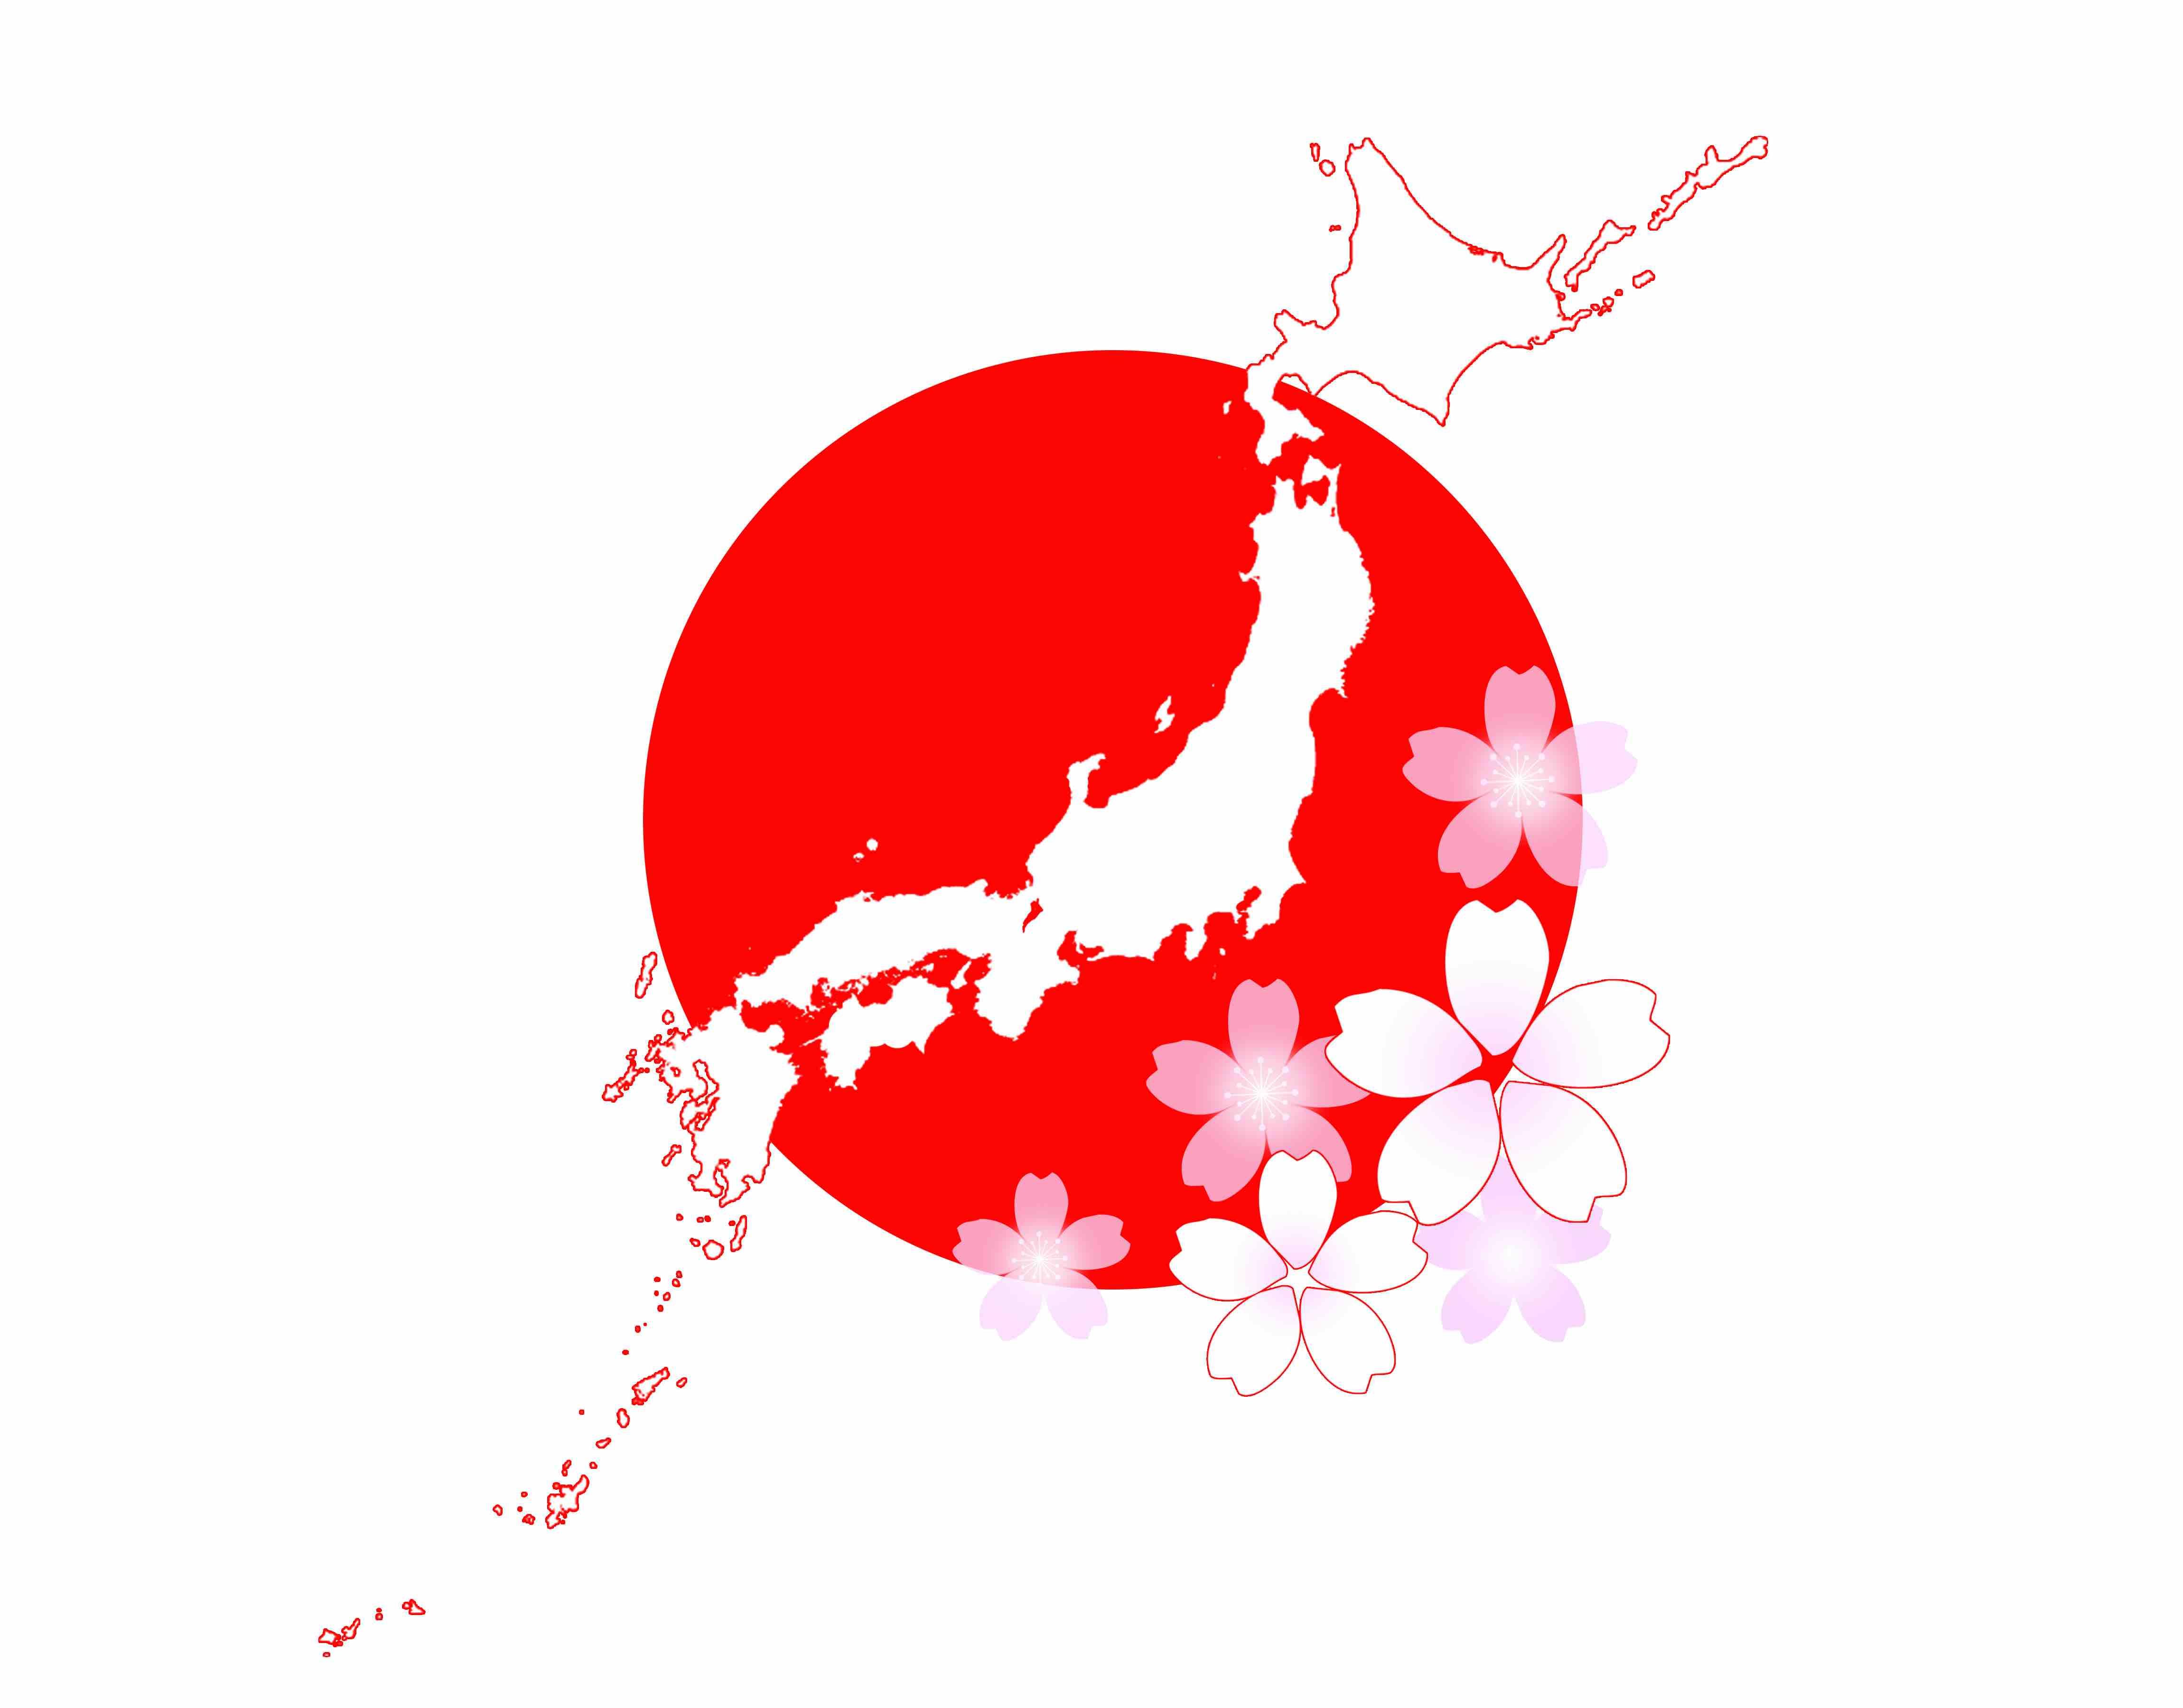 저는 반대로 일본을 선택했습니다./私は逆に日本を選びました。